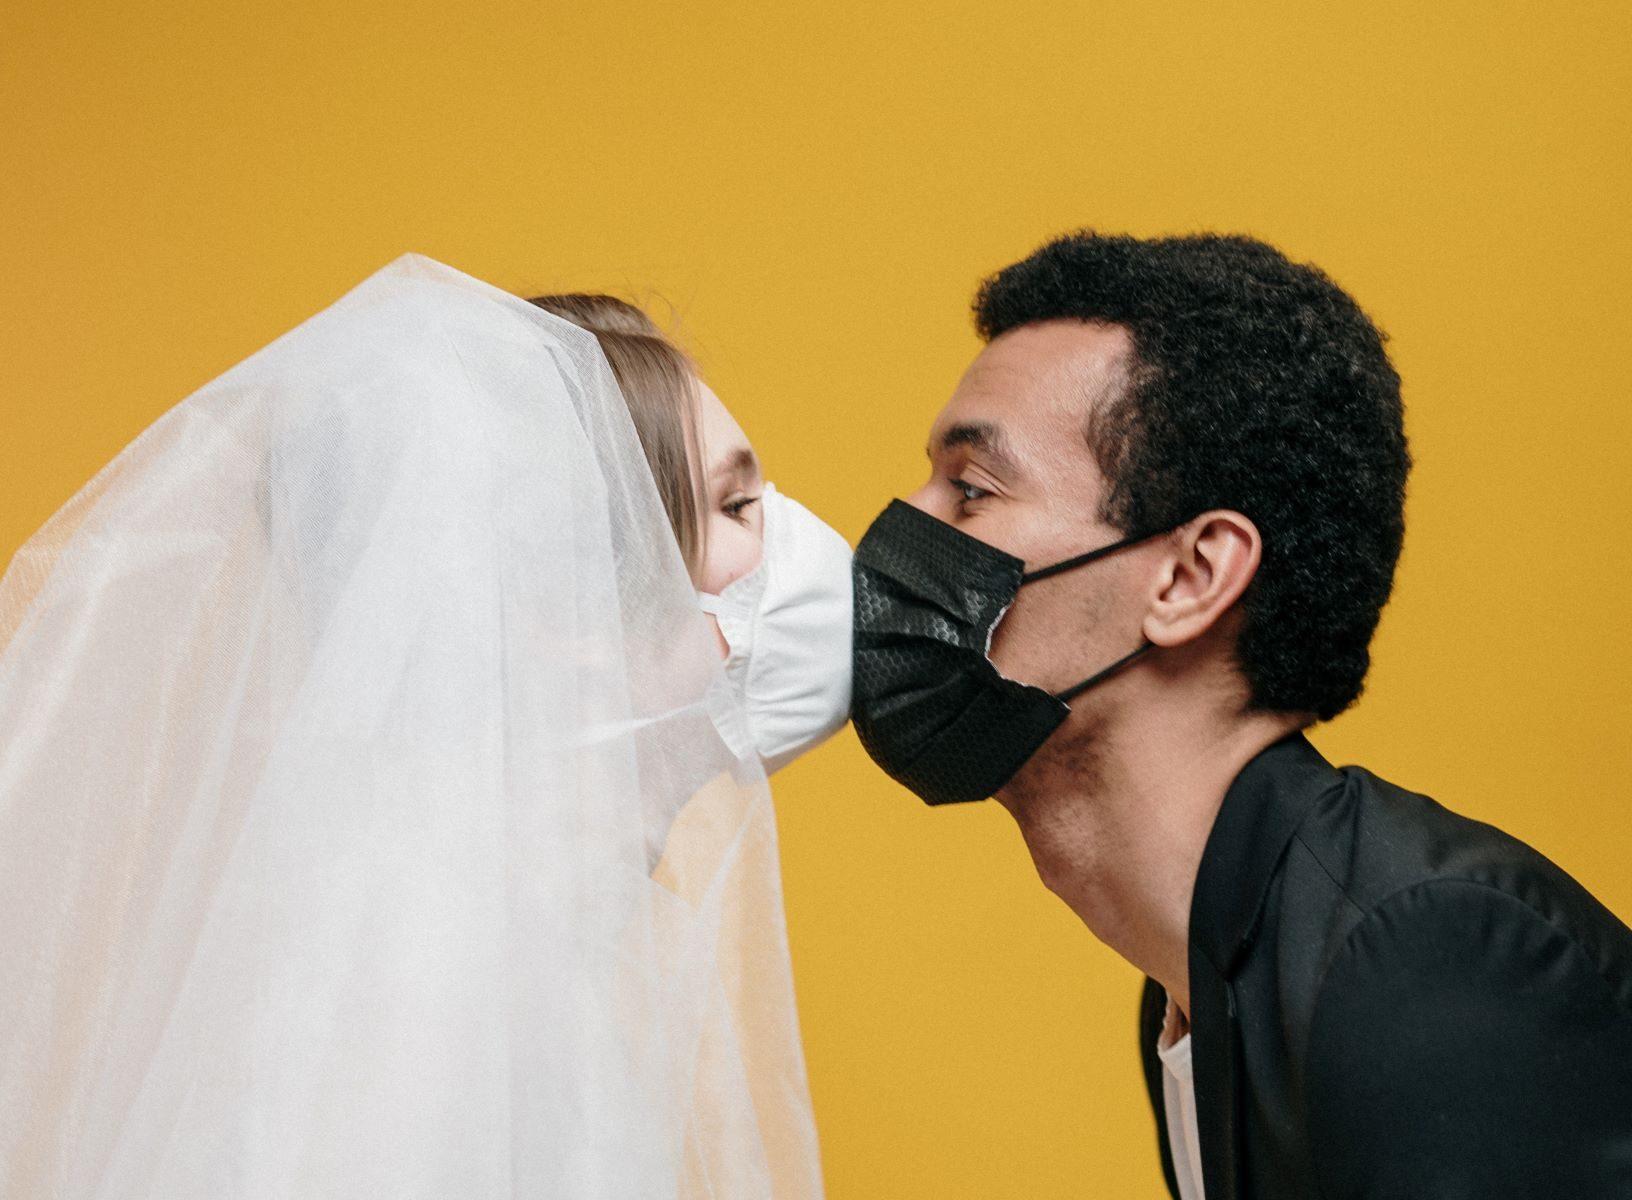 trouwen in coronatijd